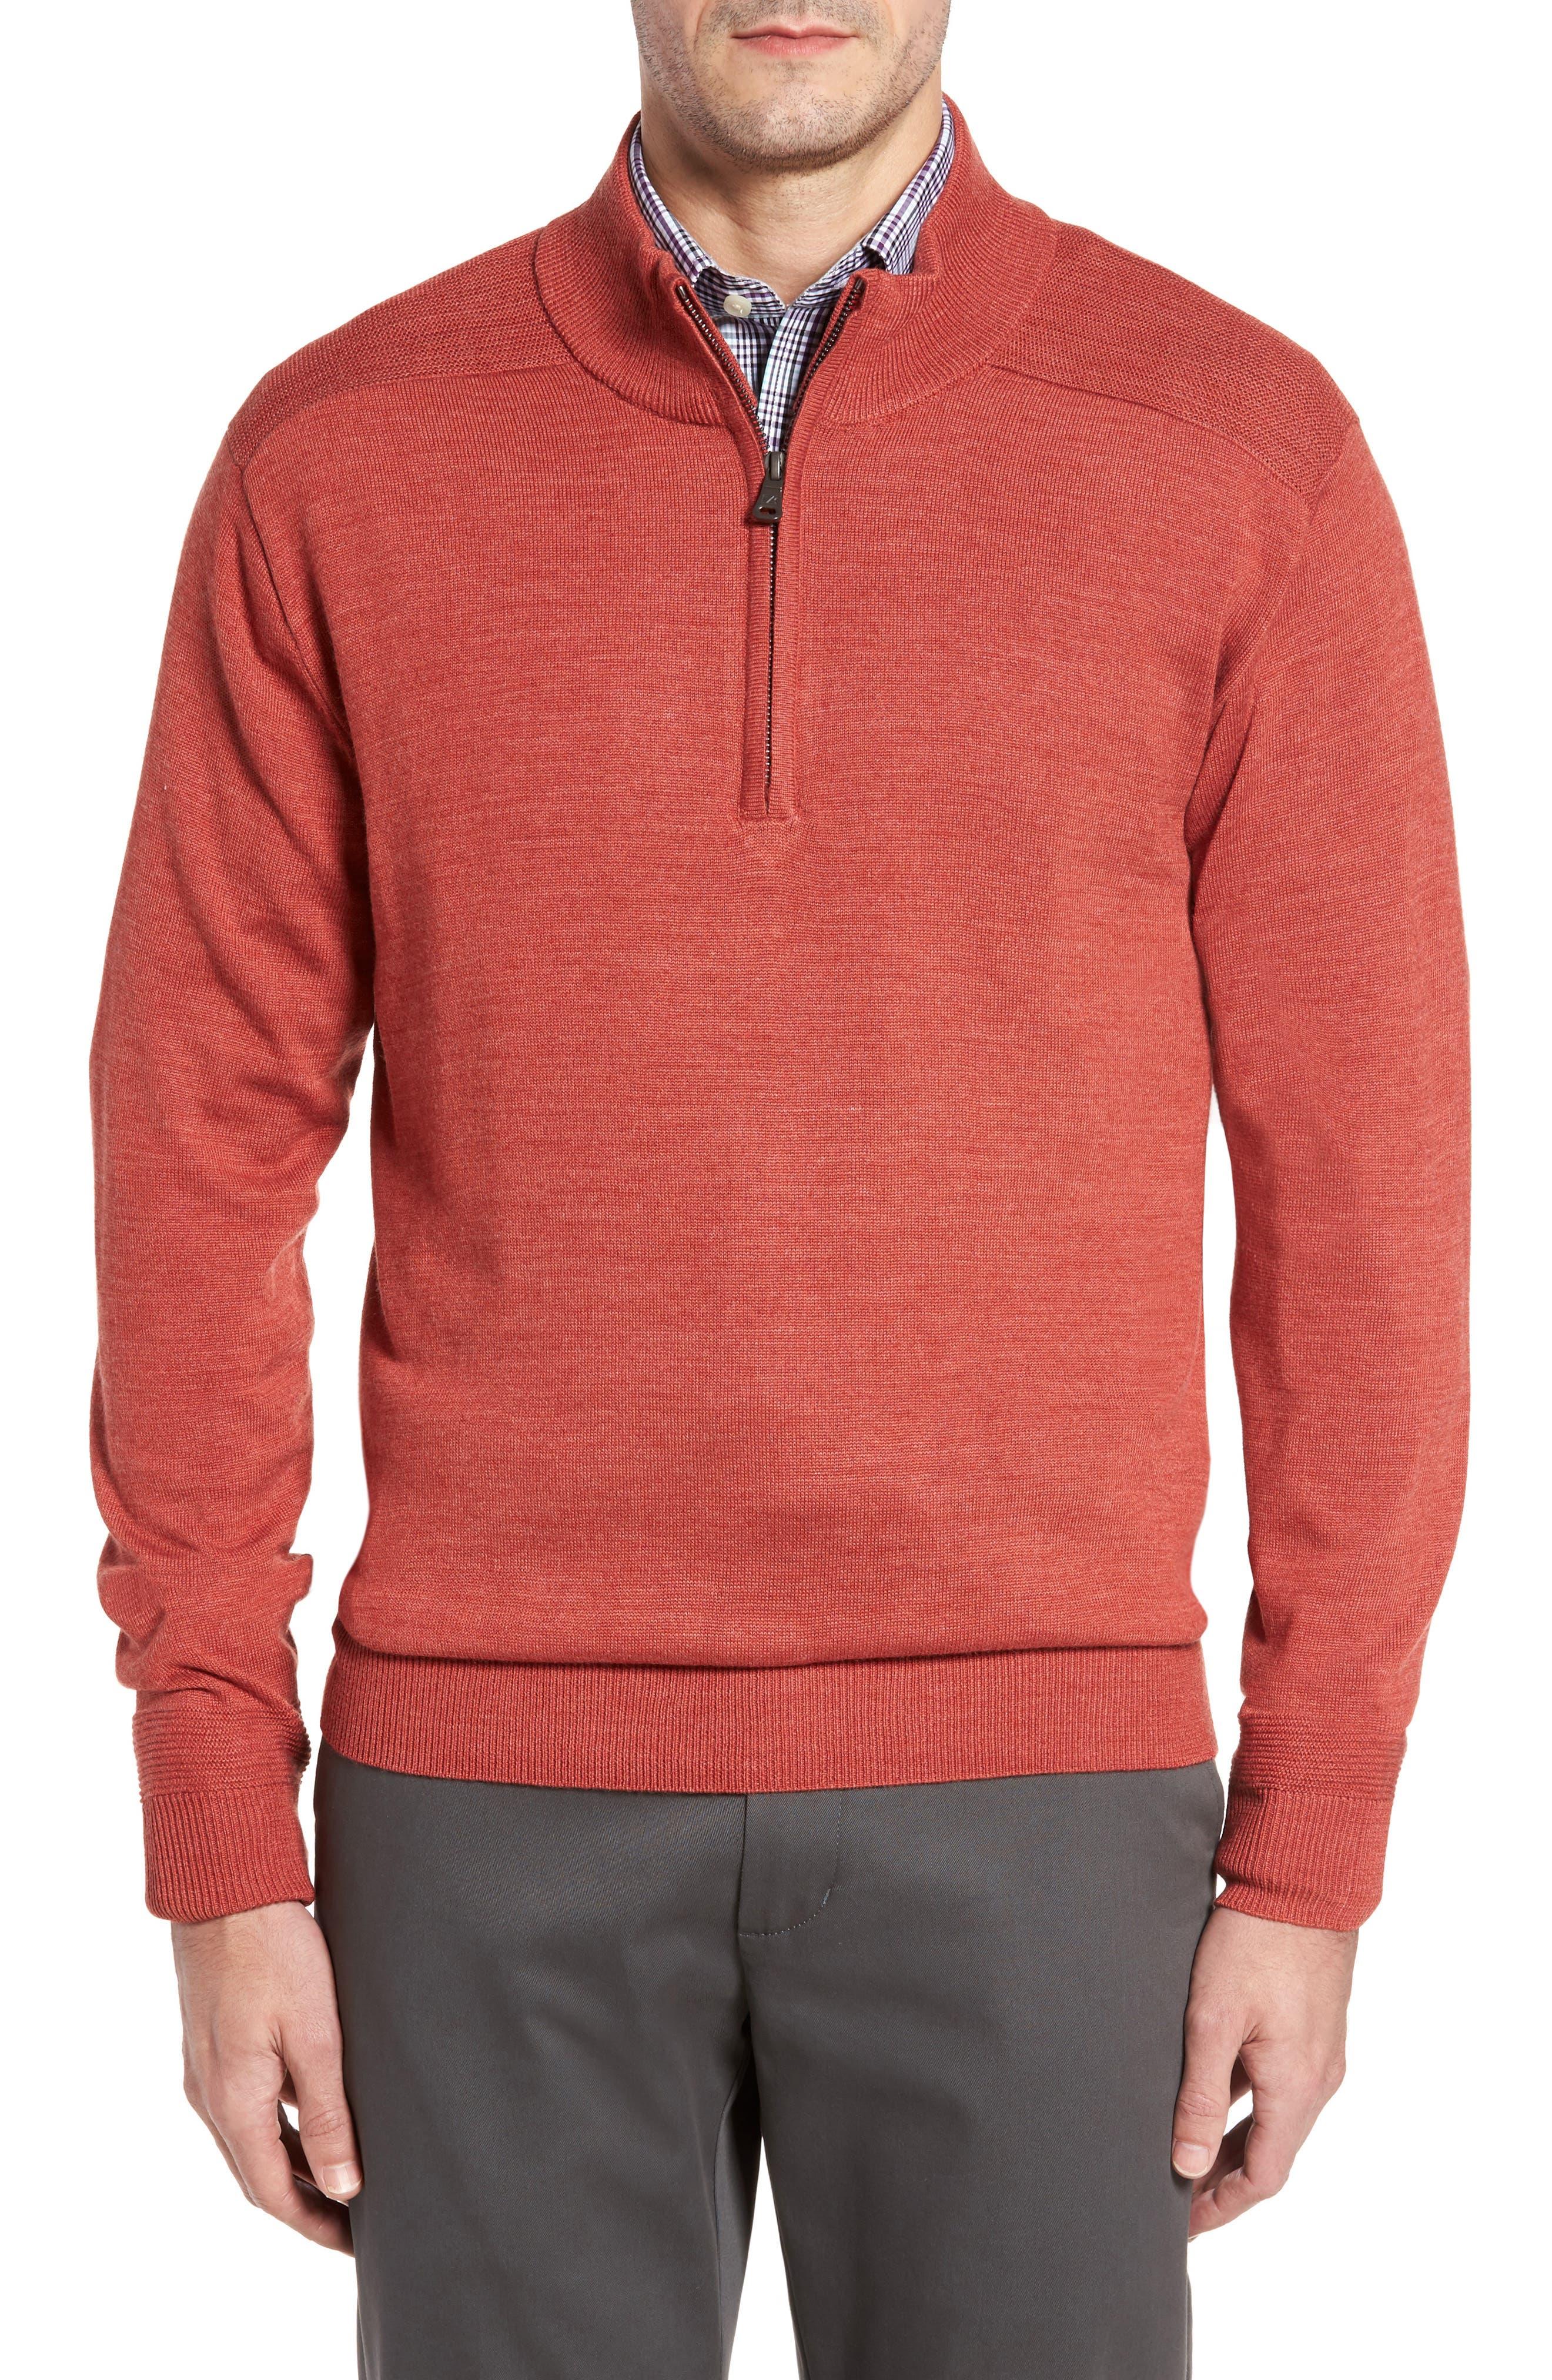 Main Image - Cutter & Buck Douglas Quarter Zip Wool Blend Sweater